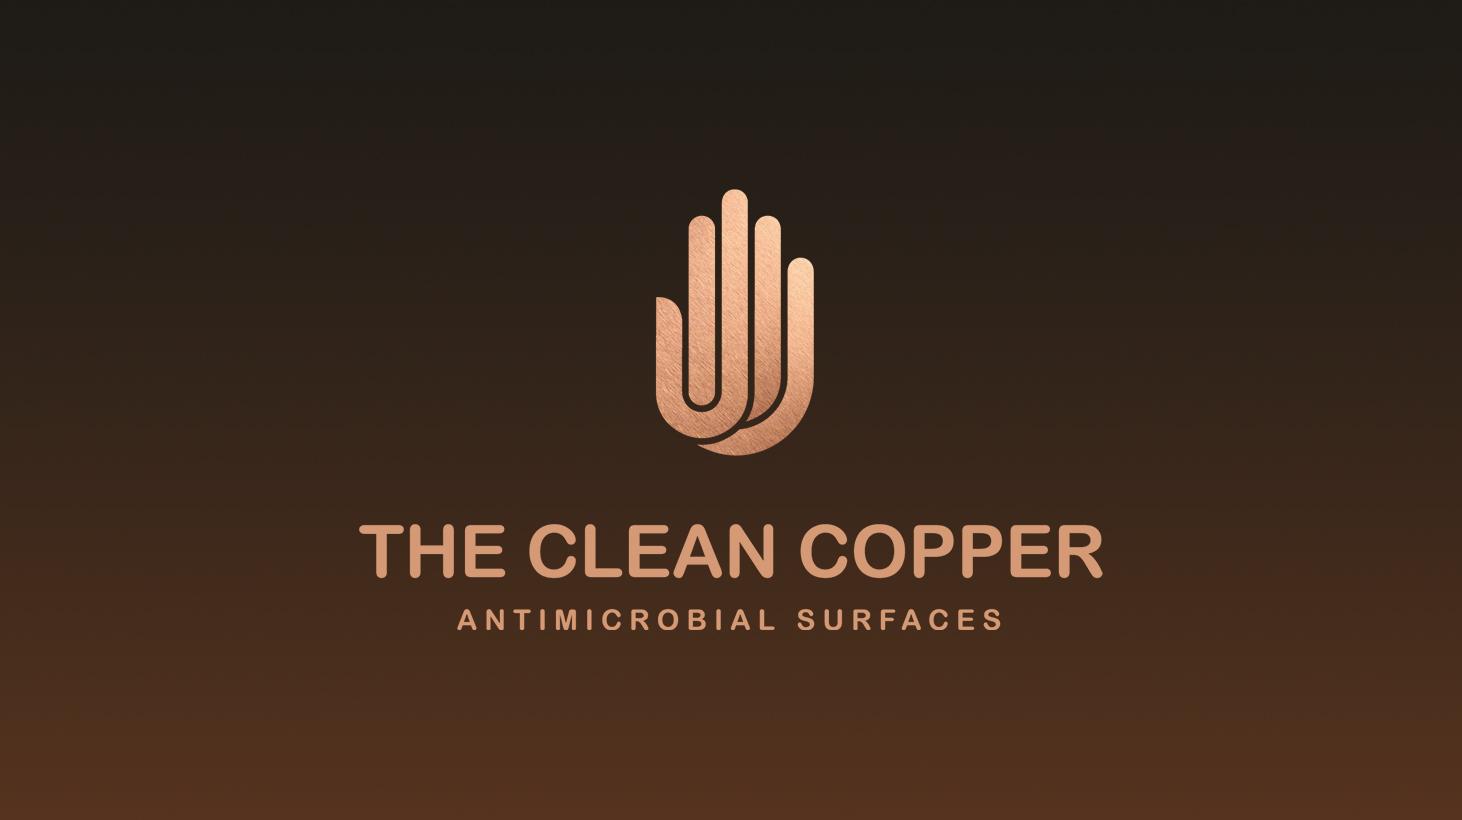 Clean Copper recibe certificación que acredita que su tecnología elimina Sars-Cov-2.